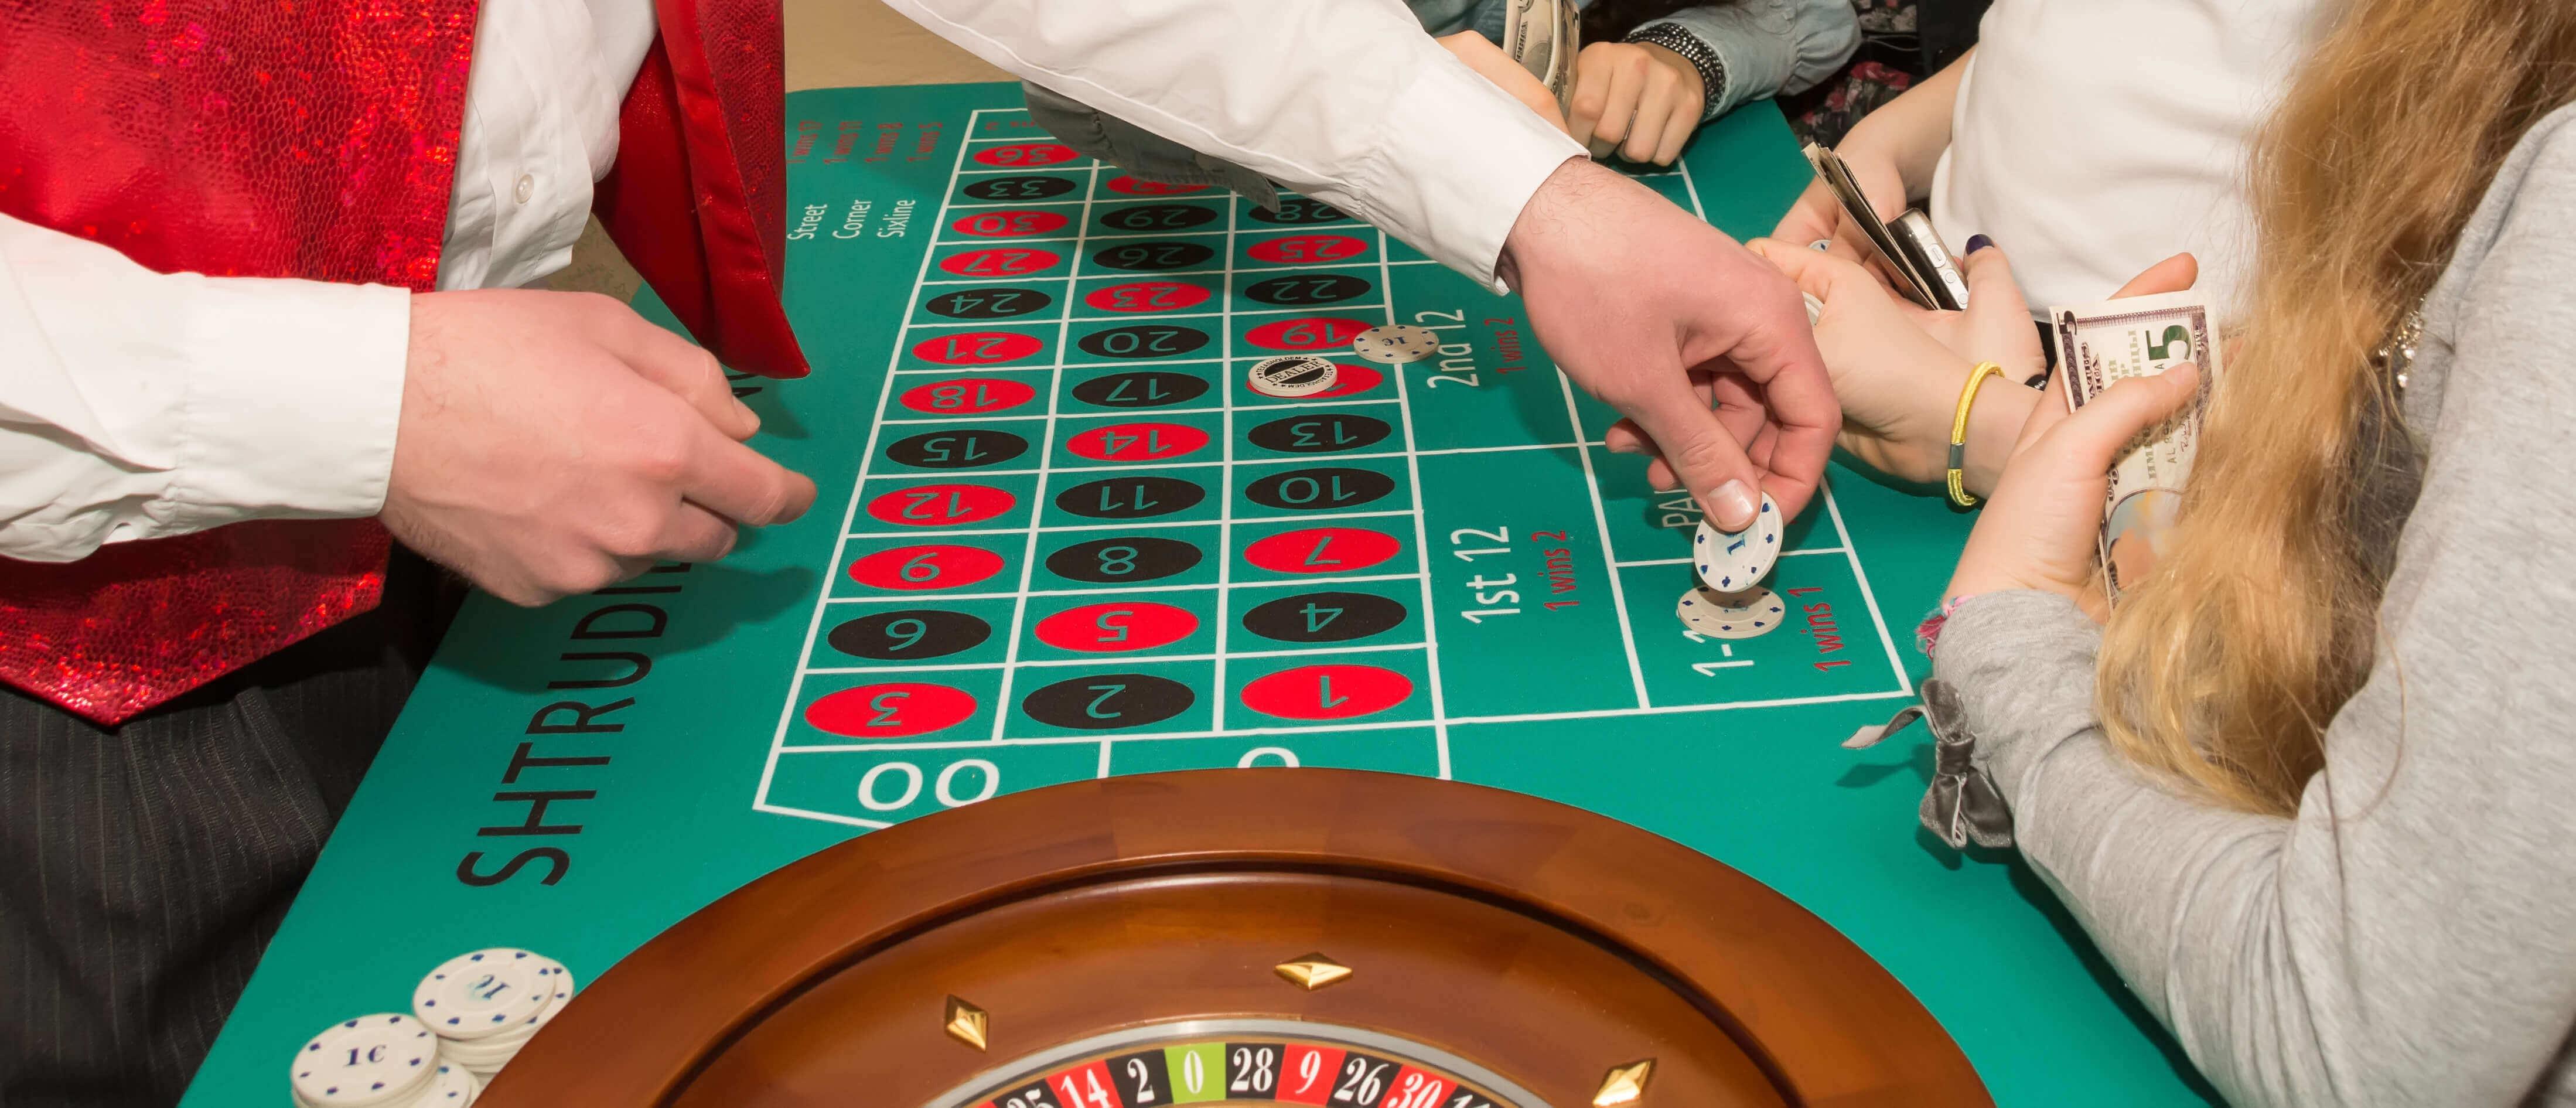 Fácil casino Portugal estrategias ruleta americana-461074